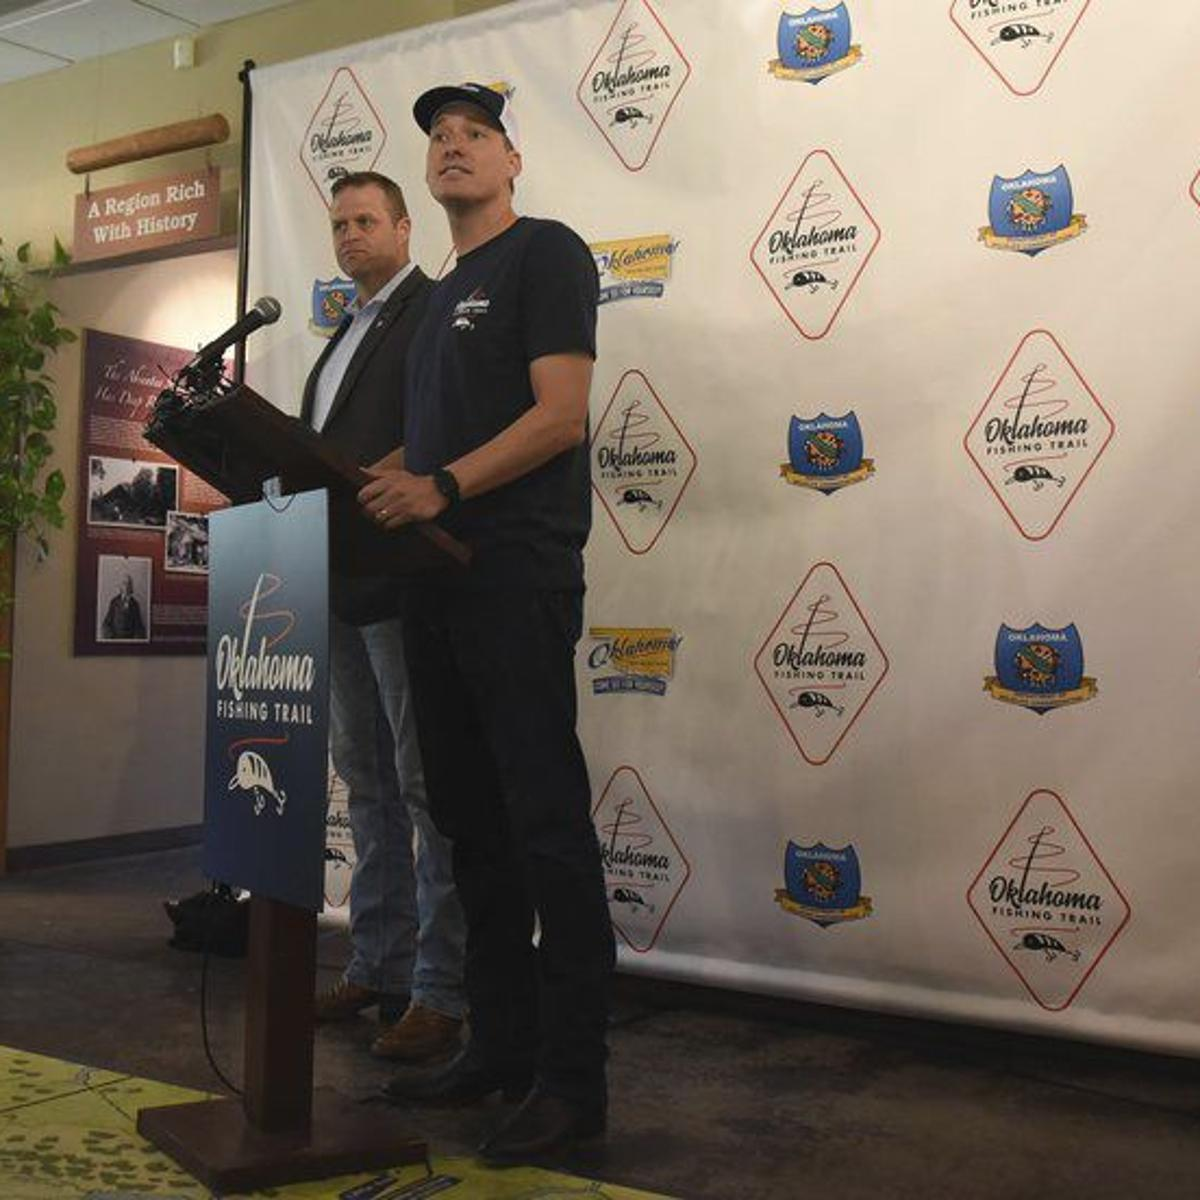 Gone fishing: state's Lt  Gov  kicks off Oklahoma Fishing Trail